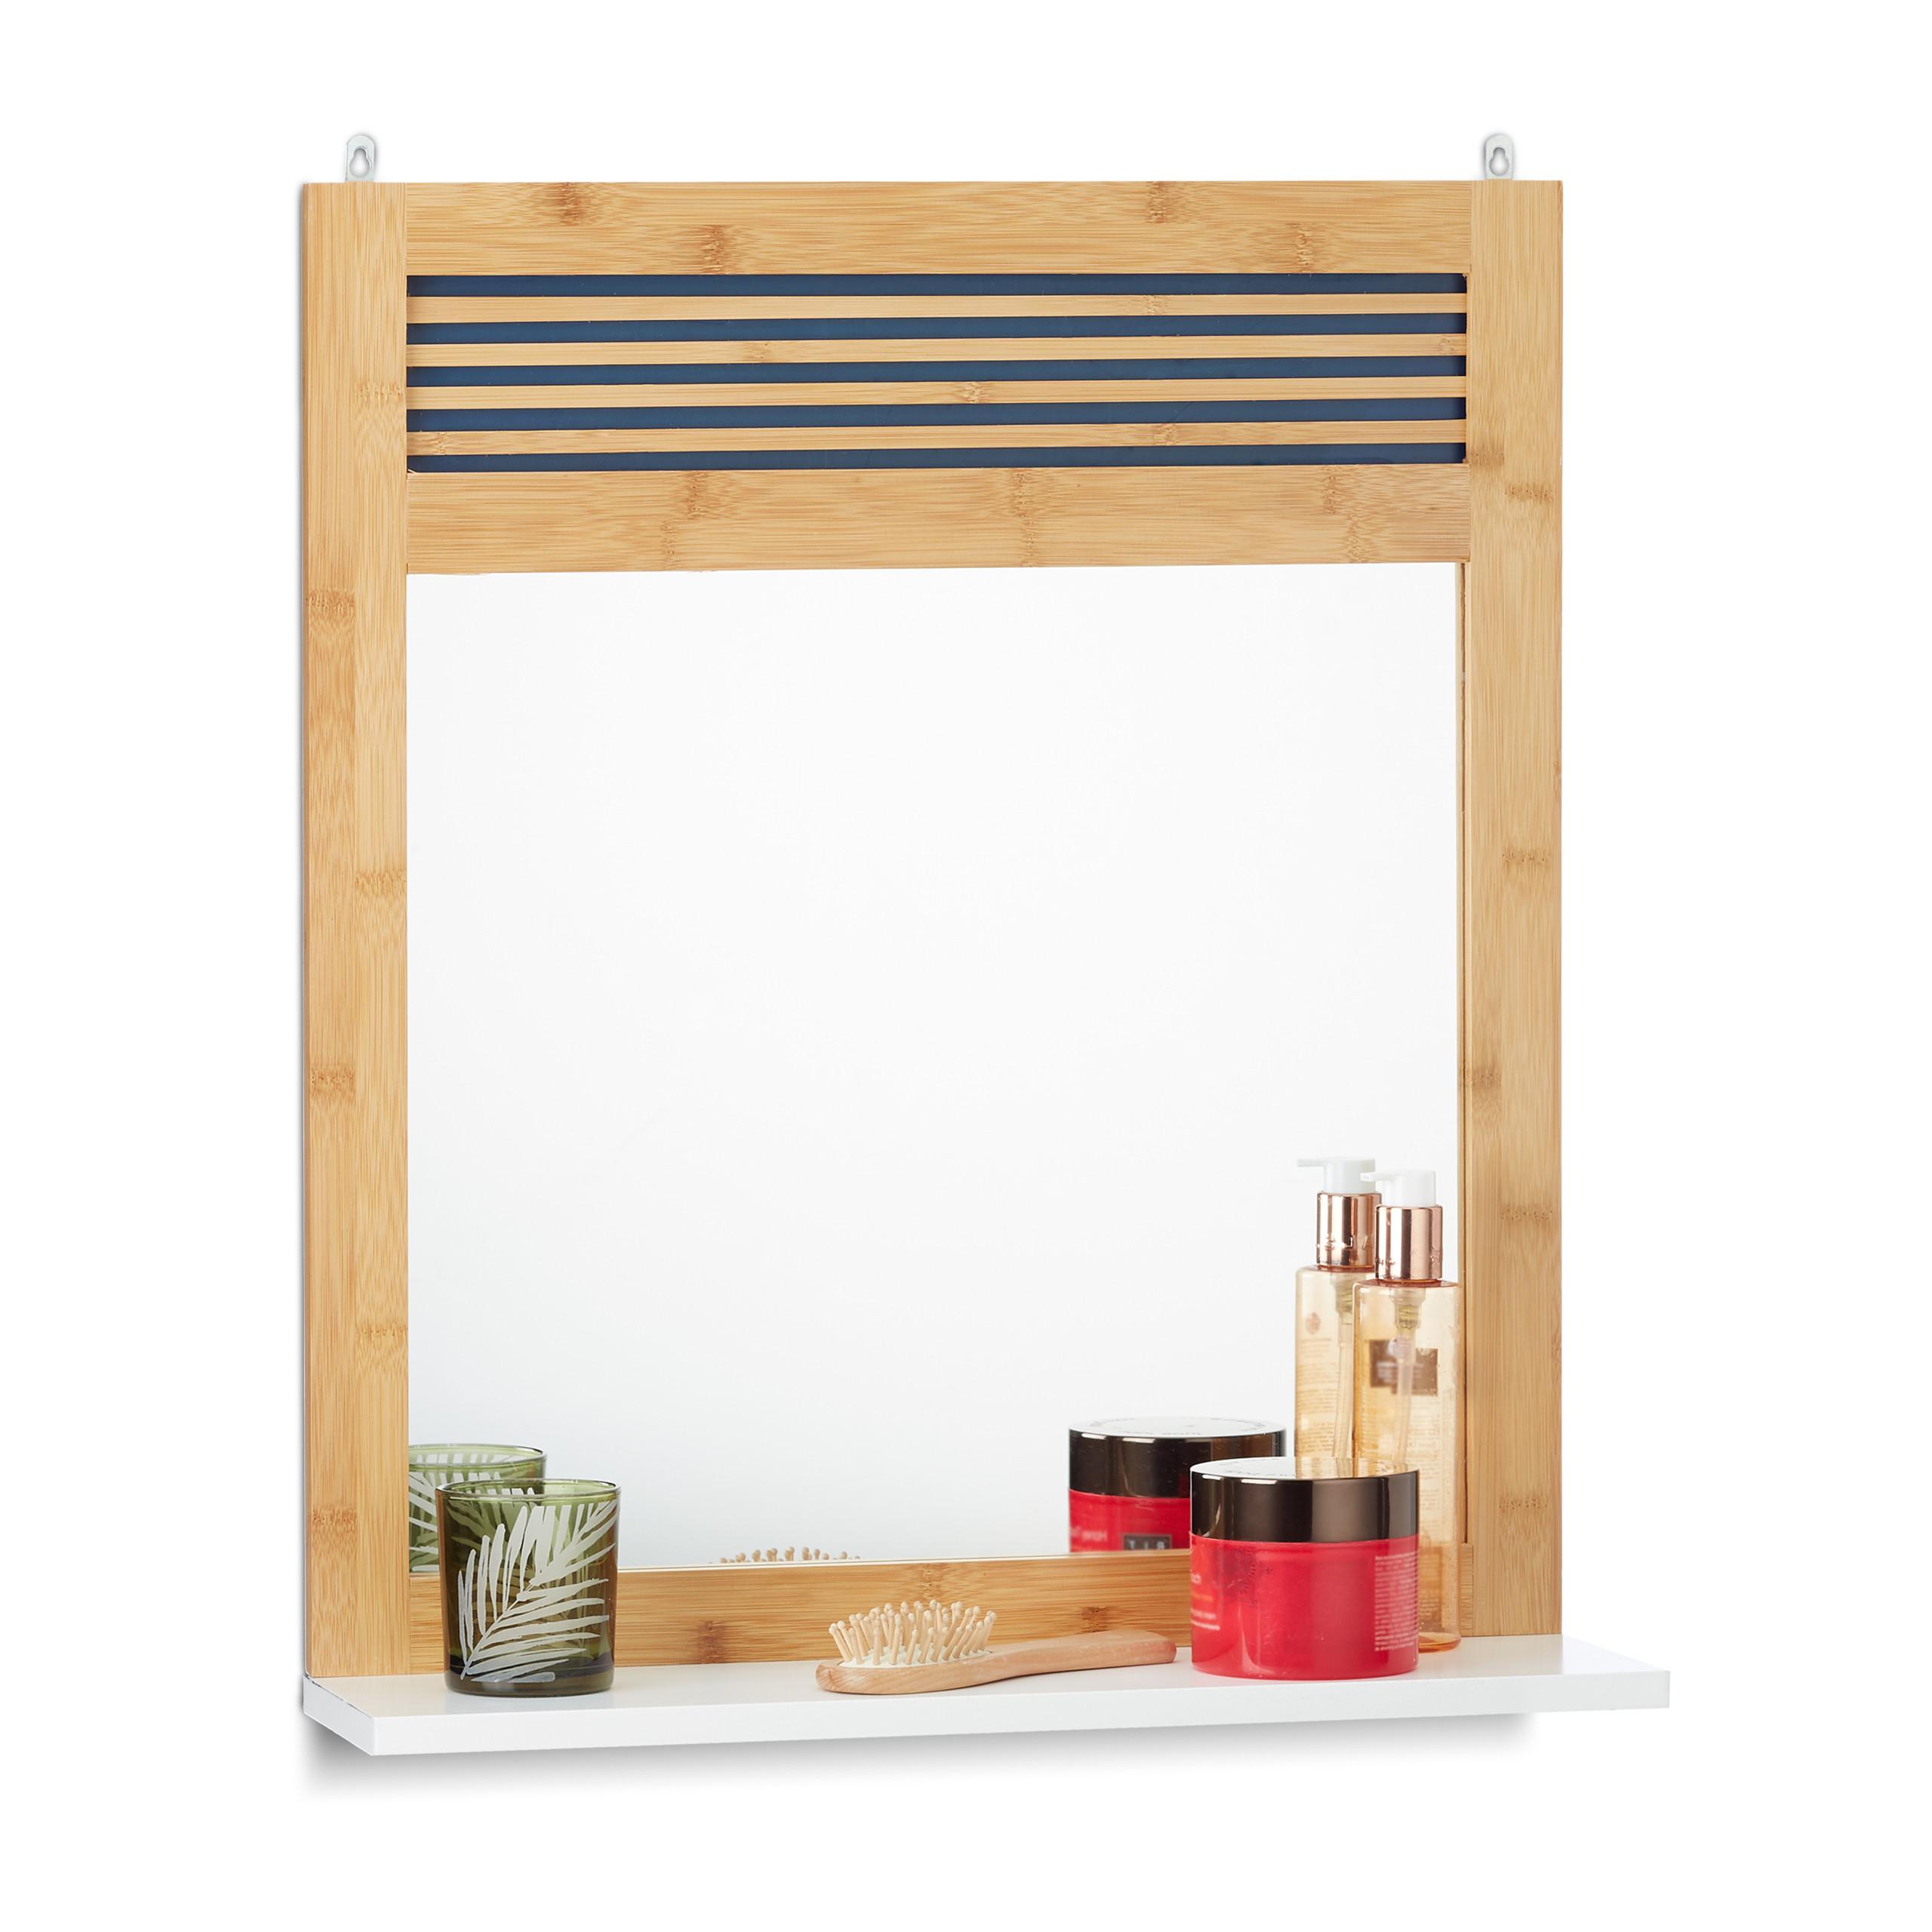 badspiegel mit ablage wandspiegel badezimmerspiegel garderobenspiegel spiegel ebay. Black Bedroom Furniture Sets. Home Design Ideas